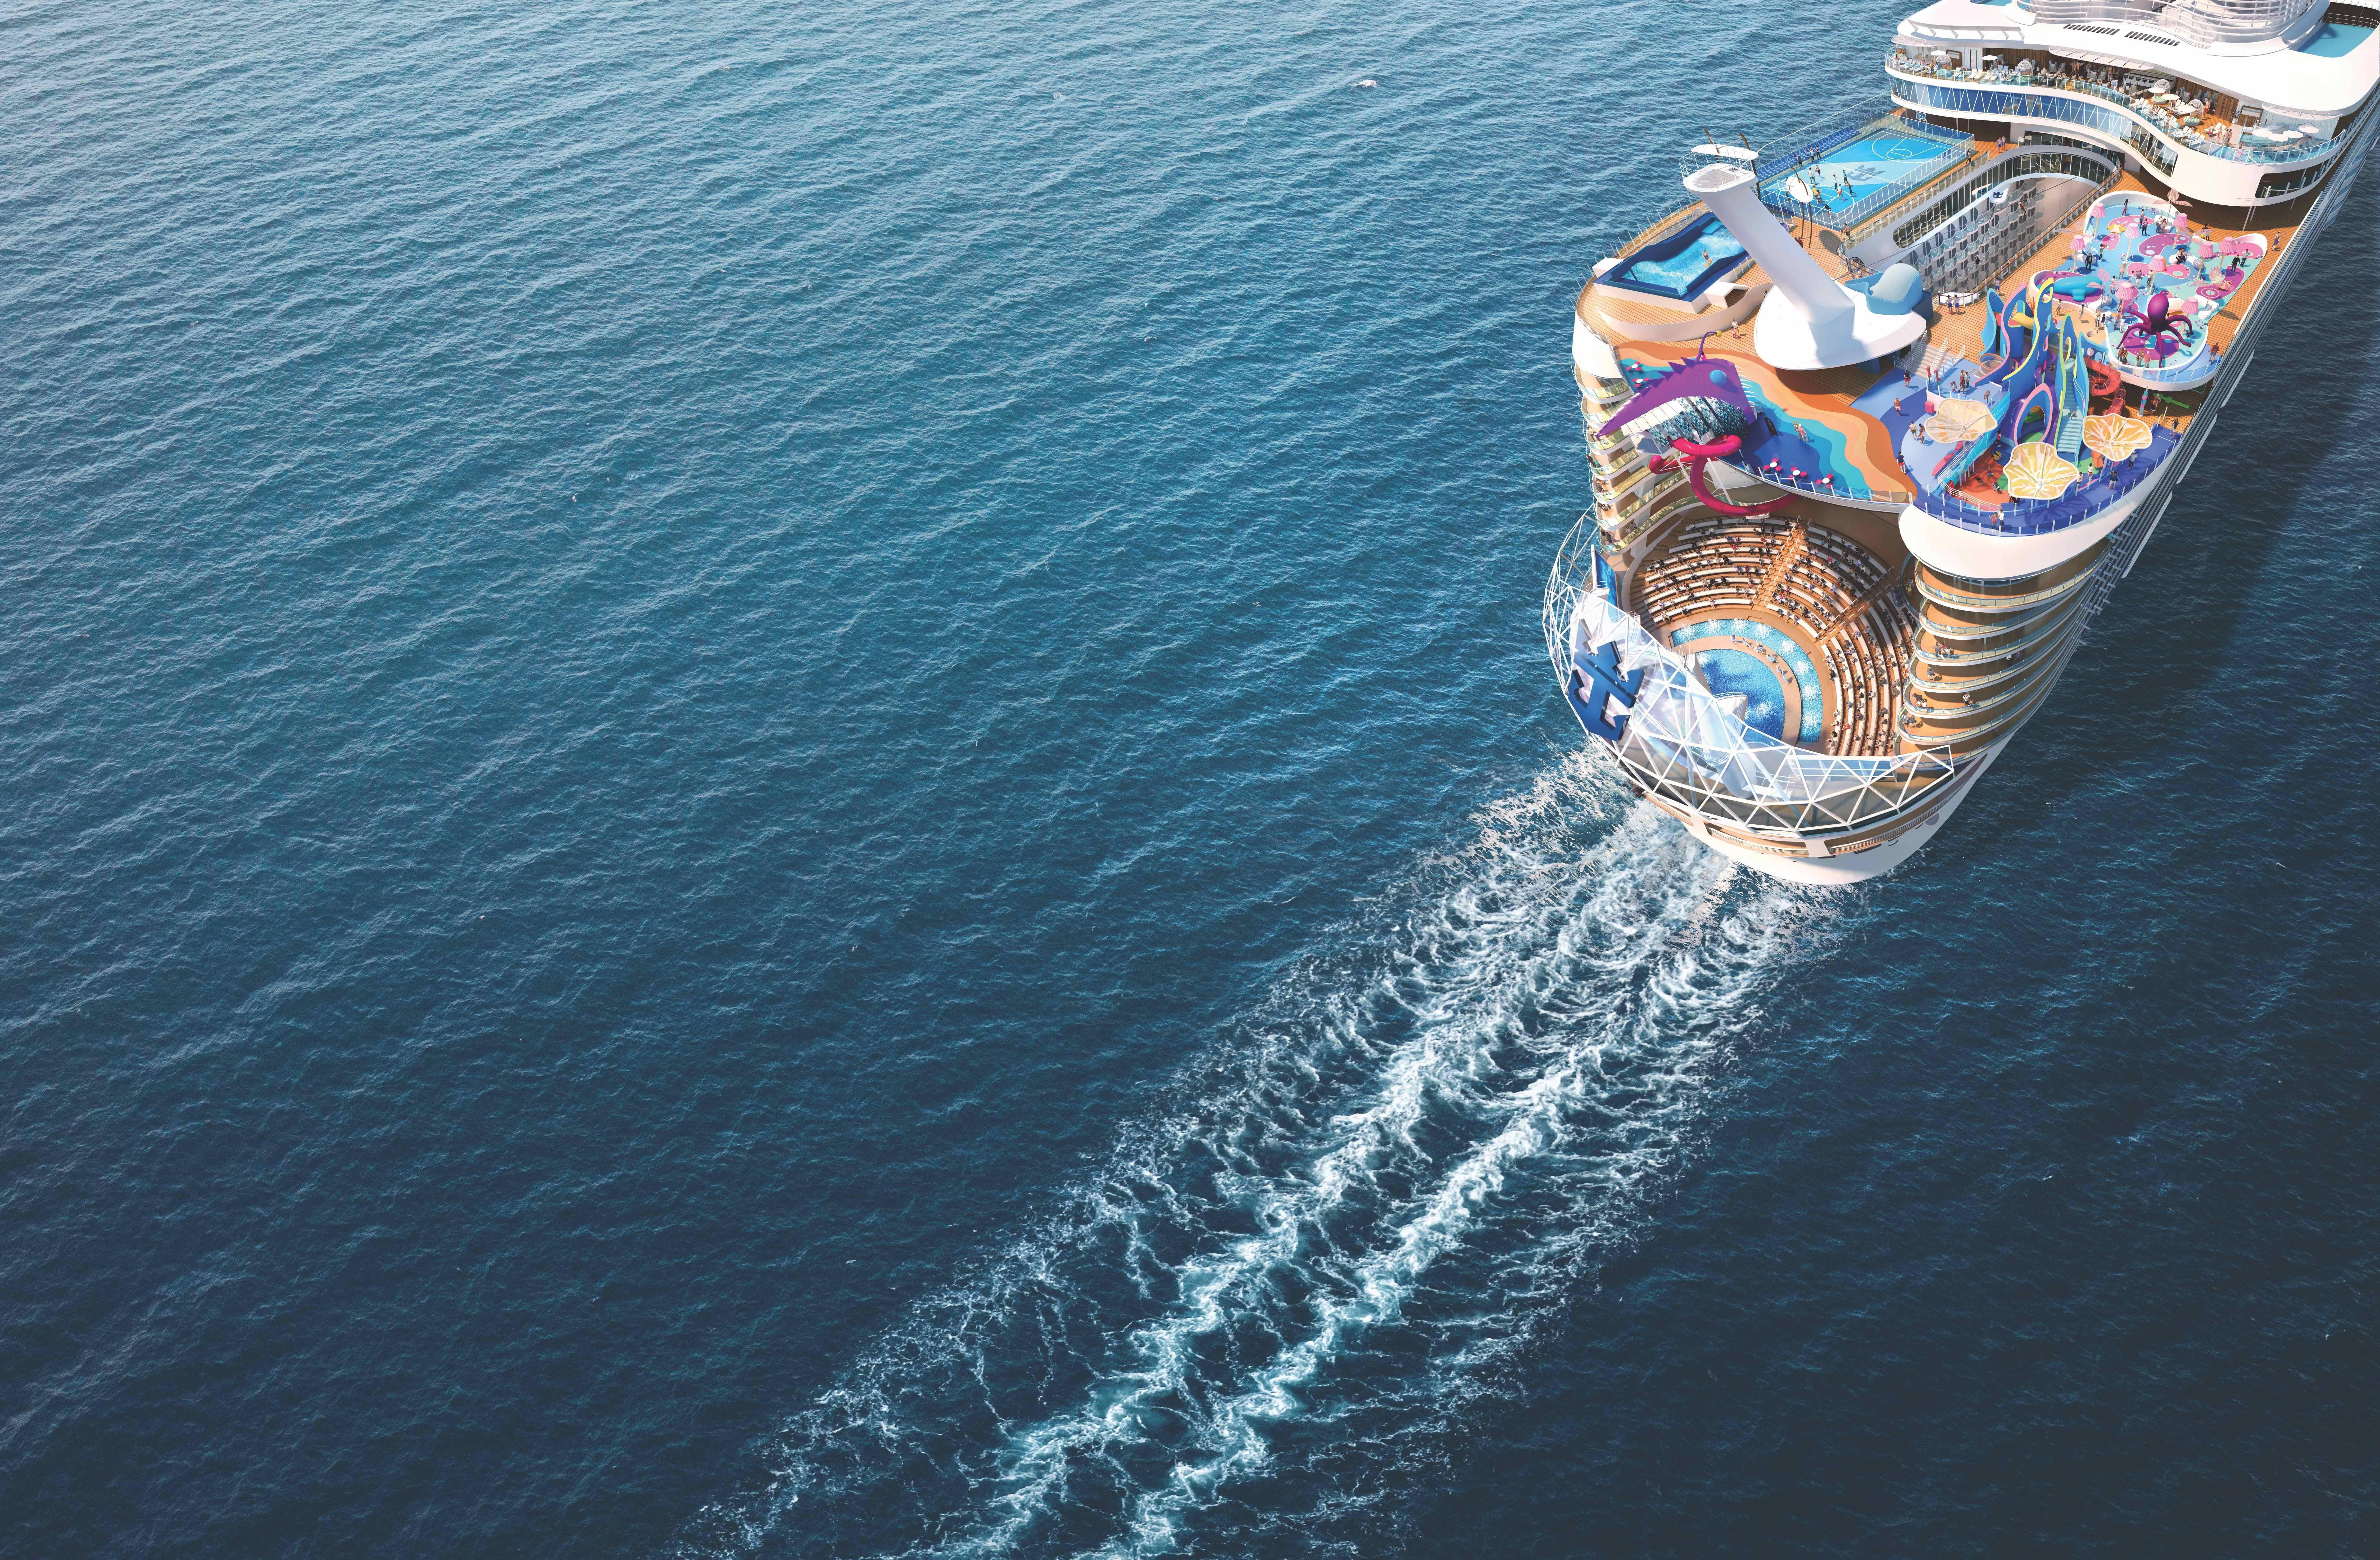 Luxuoso navio oferece novidades para clientes que possuem pacote premium da Royal Caribbean. Foto: Divulgação/Royal Caribbean International